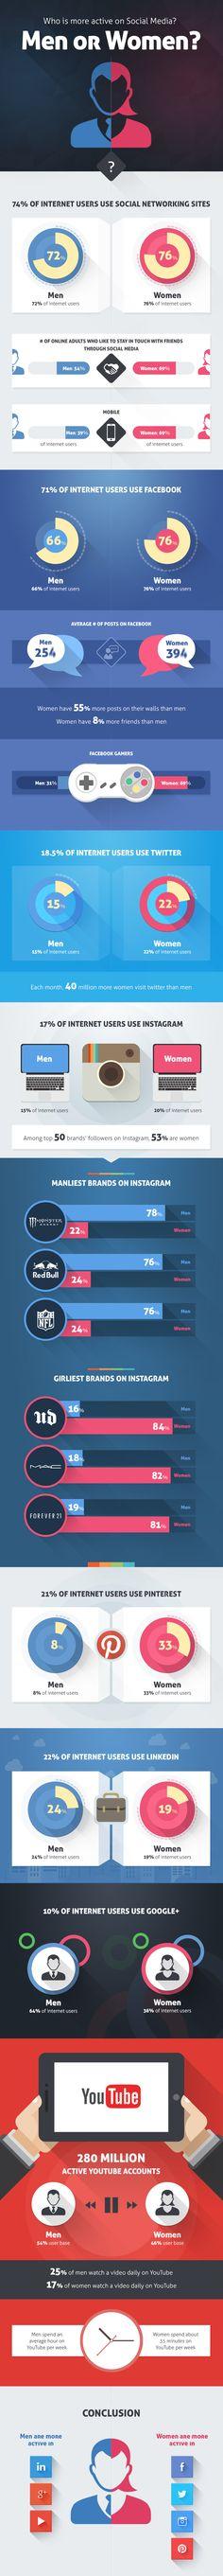 #SocialMedia #infographic - Men vs. Women - Who Is More Active On #Facebook, #Twitter, #Instagram & #Pinterest!!